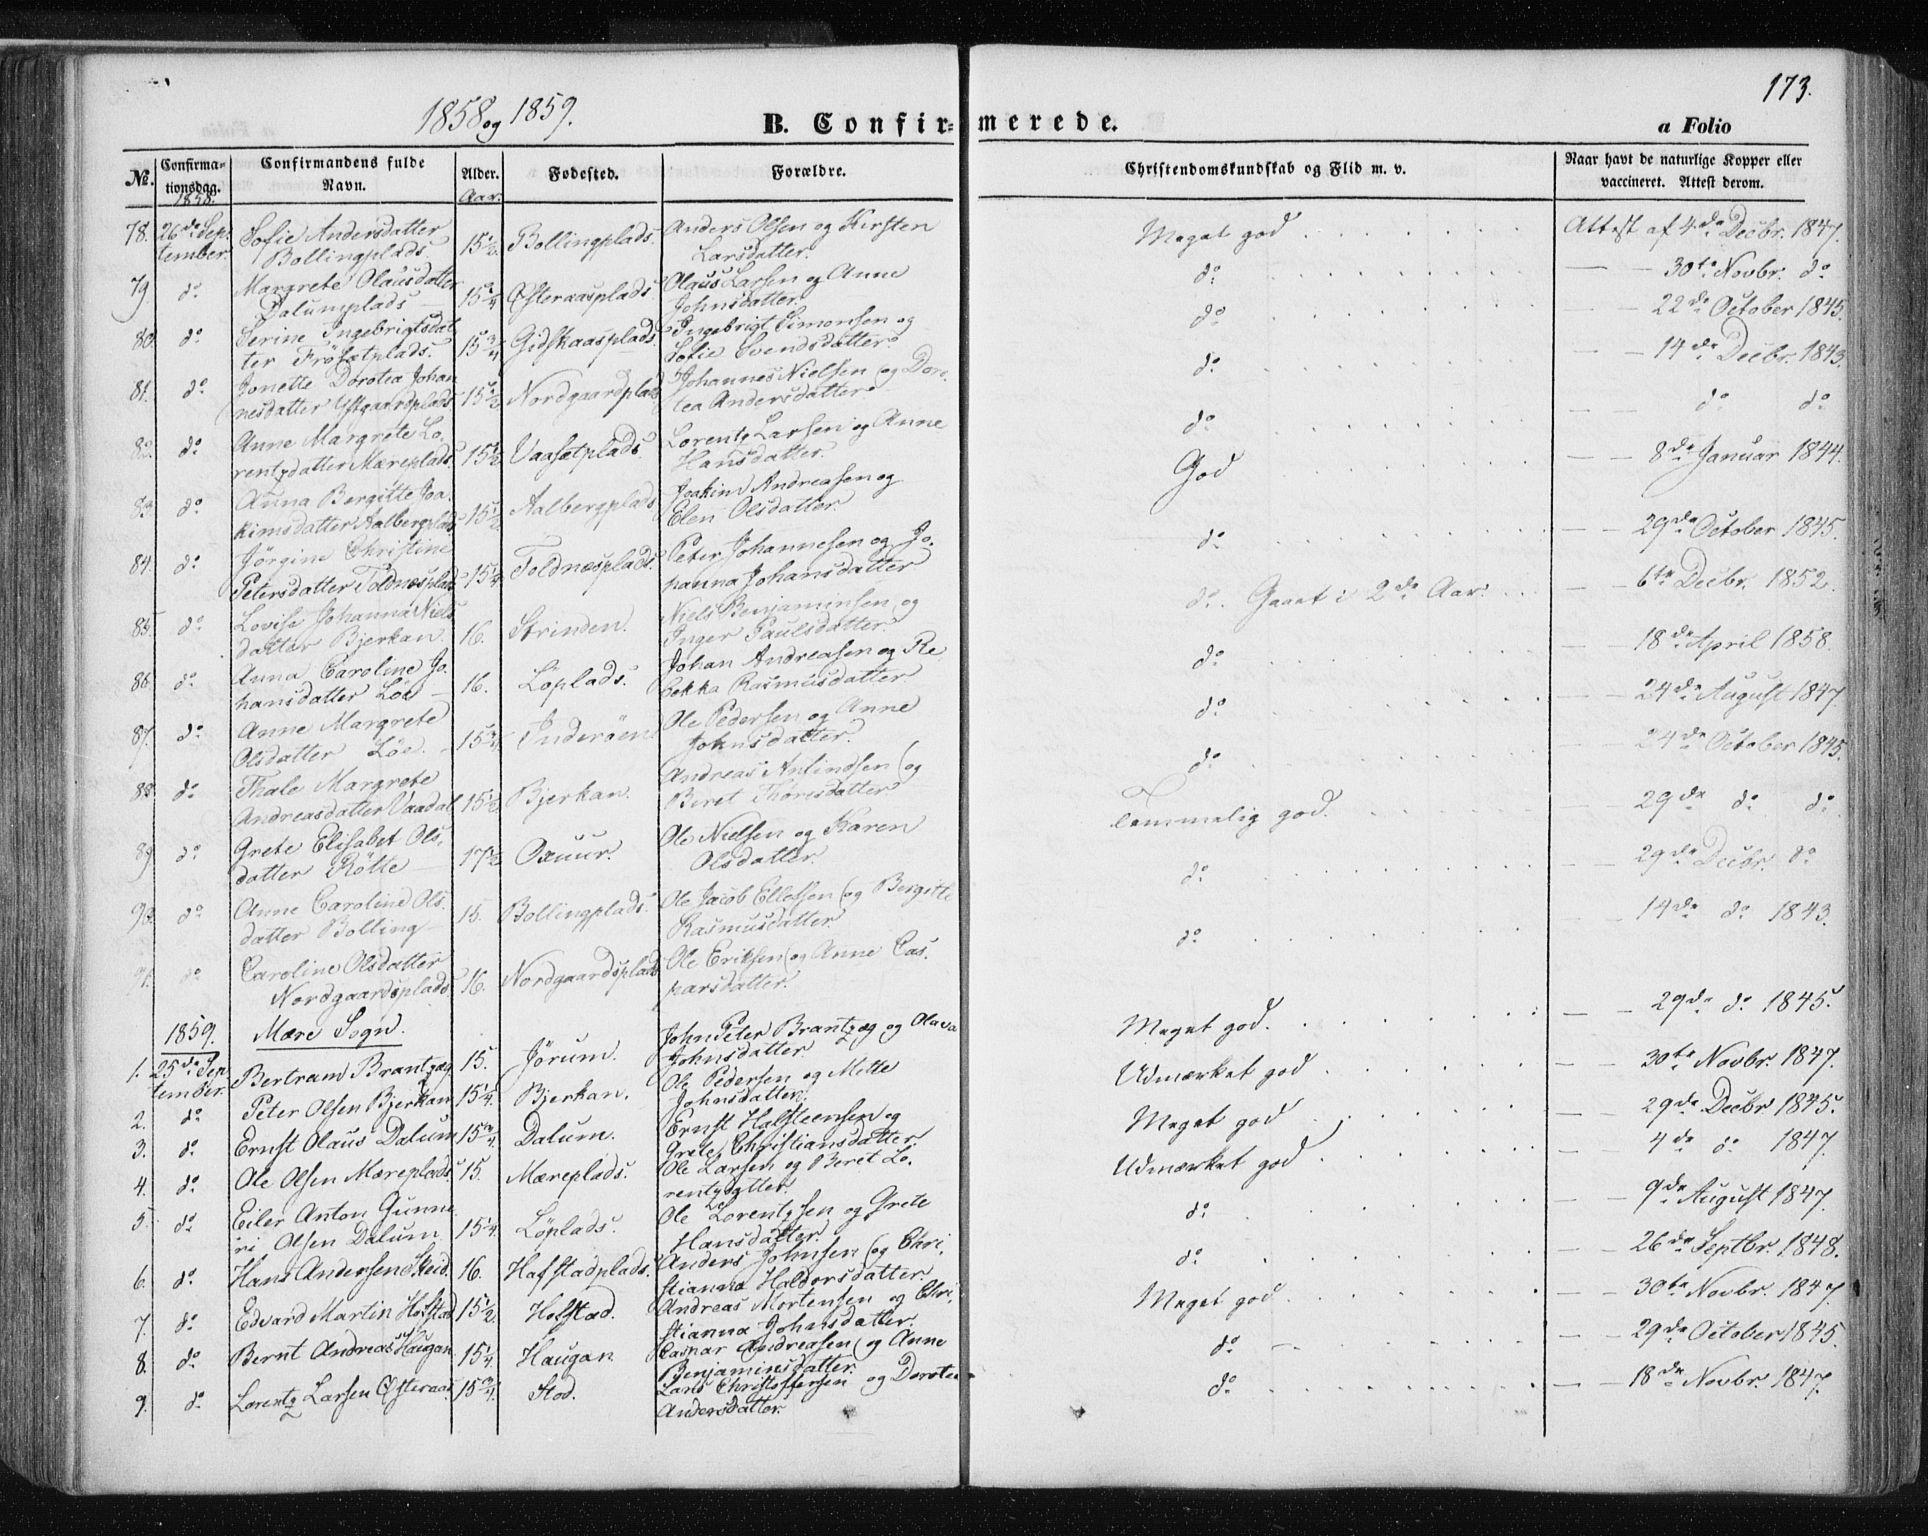 SAT, Ministerialprotokoller, klokkerbøker og fødselsregistre - Nord-Trøndelag, 735/L0342: Ministerialbok nr. 735A07 /1, 1849-1862, s. 173